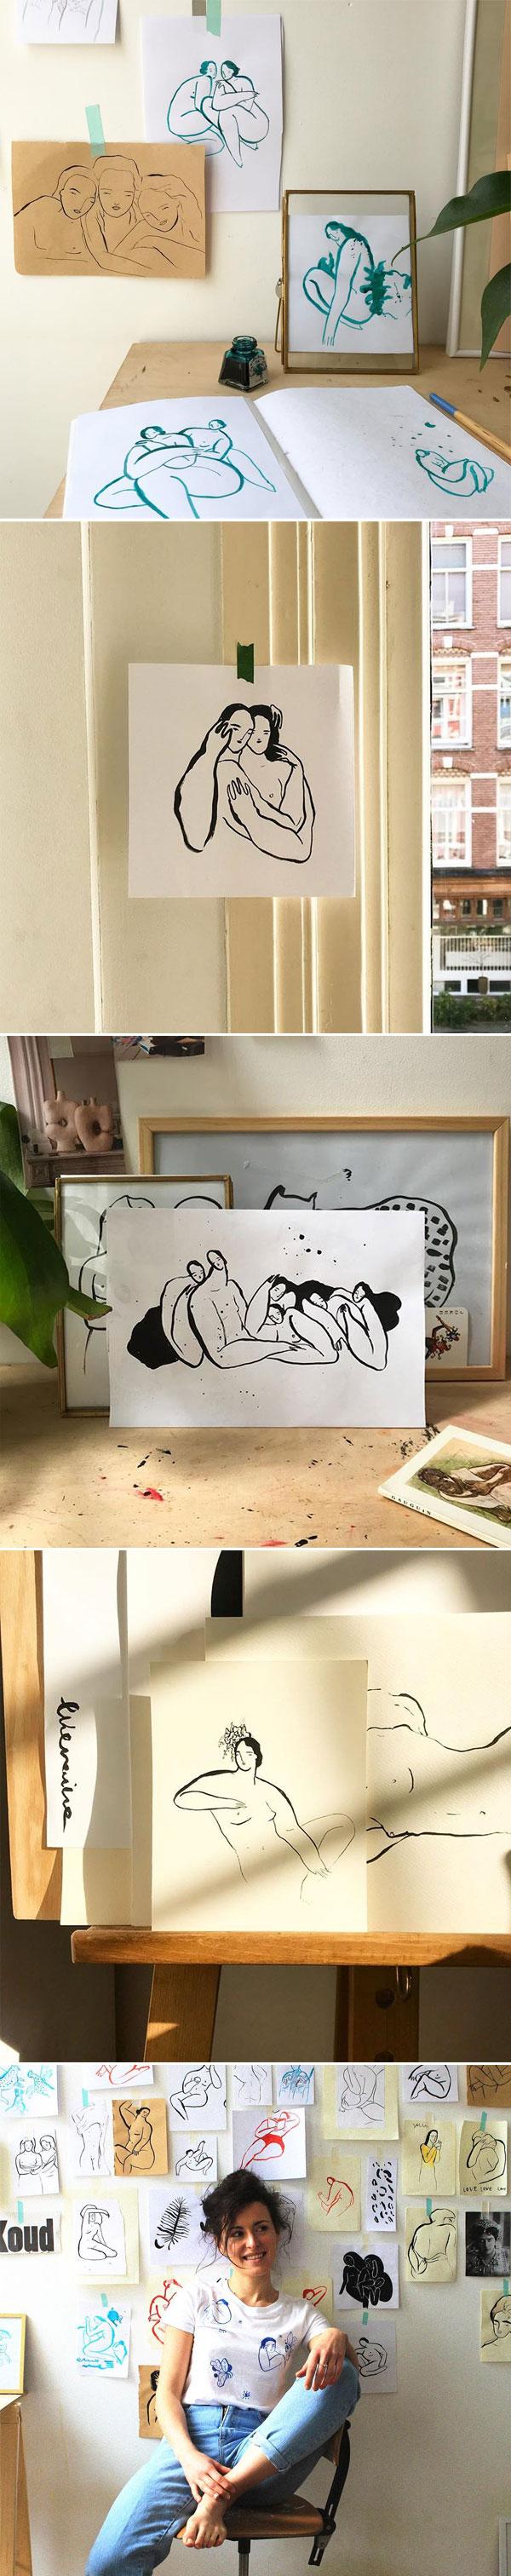 Weronika Anna Marianna | Arte e Ilustração